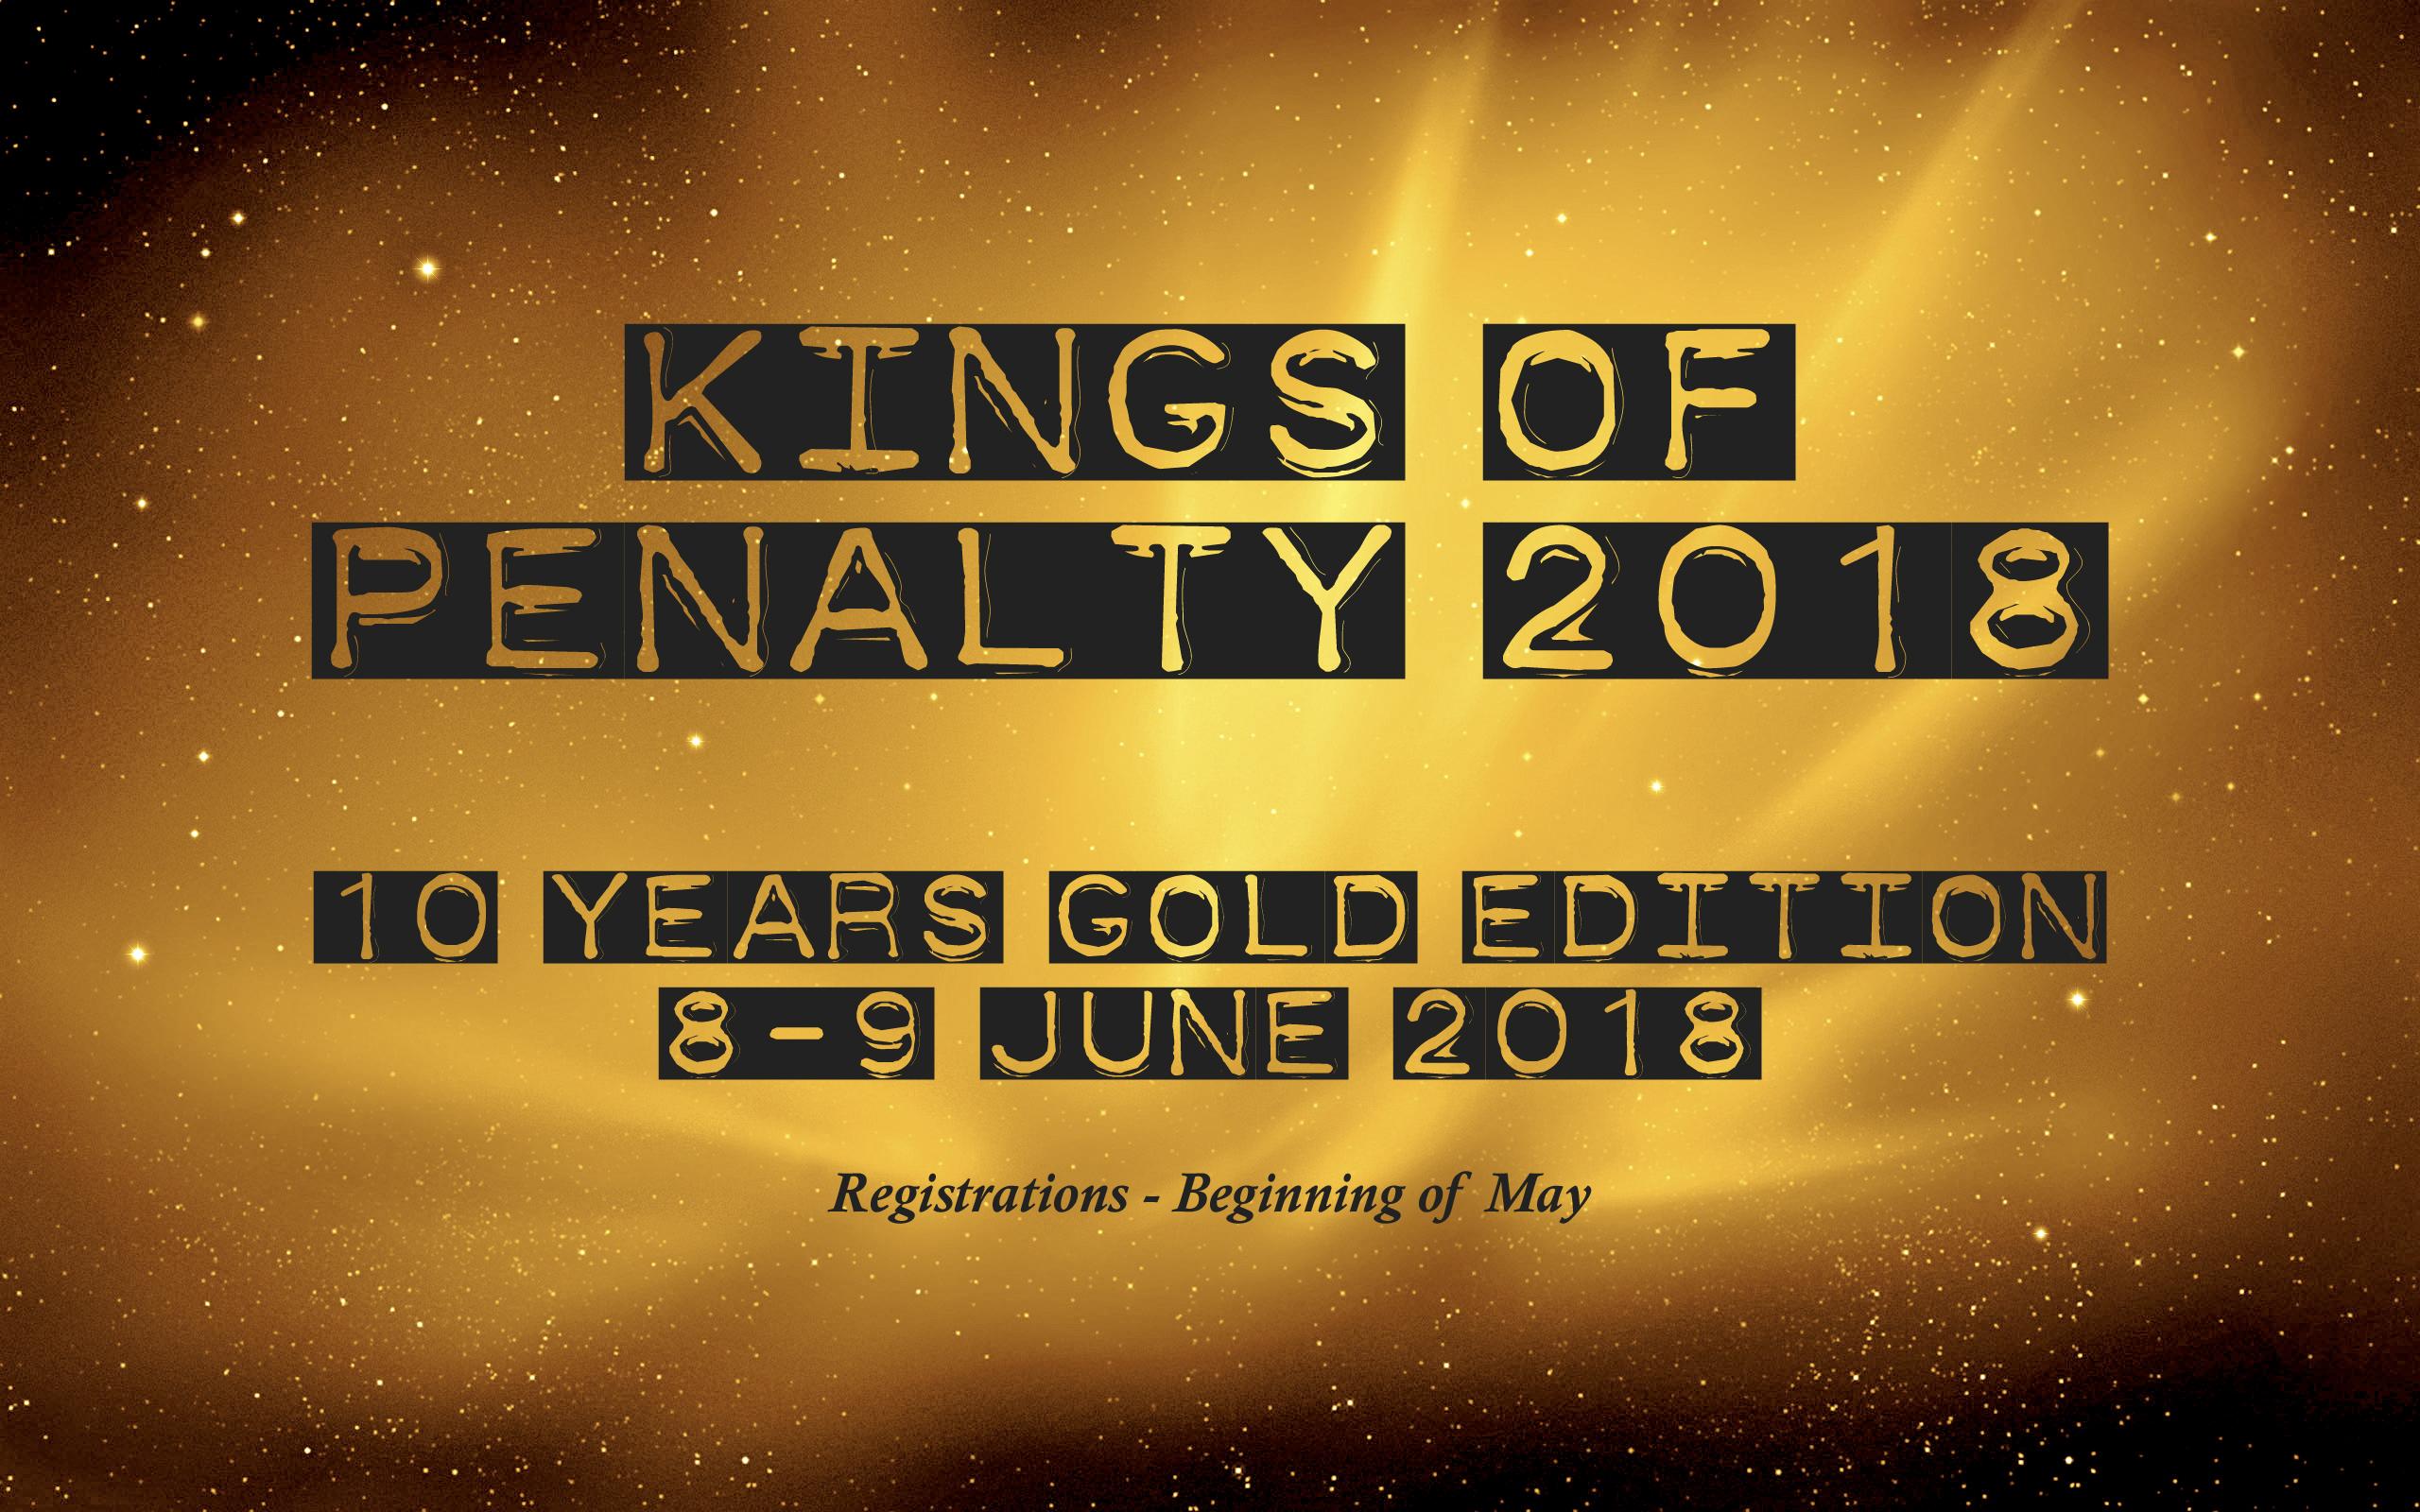 Kings of Penalty 2018